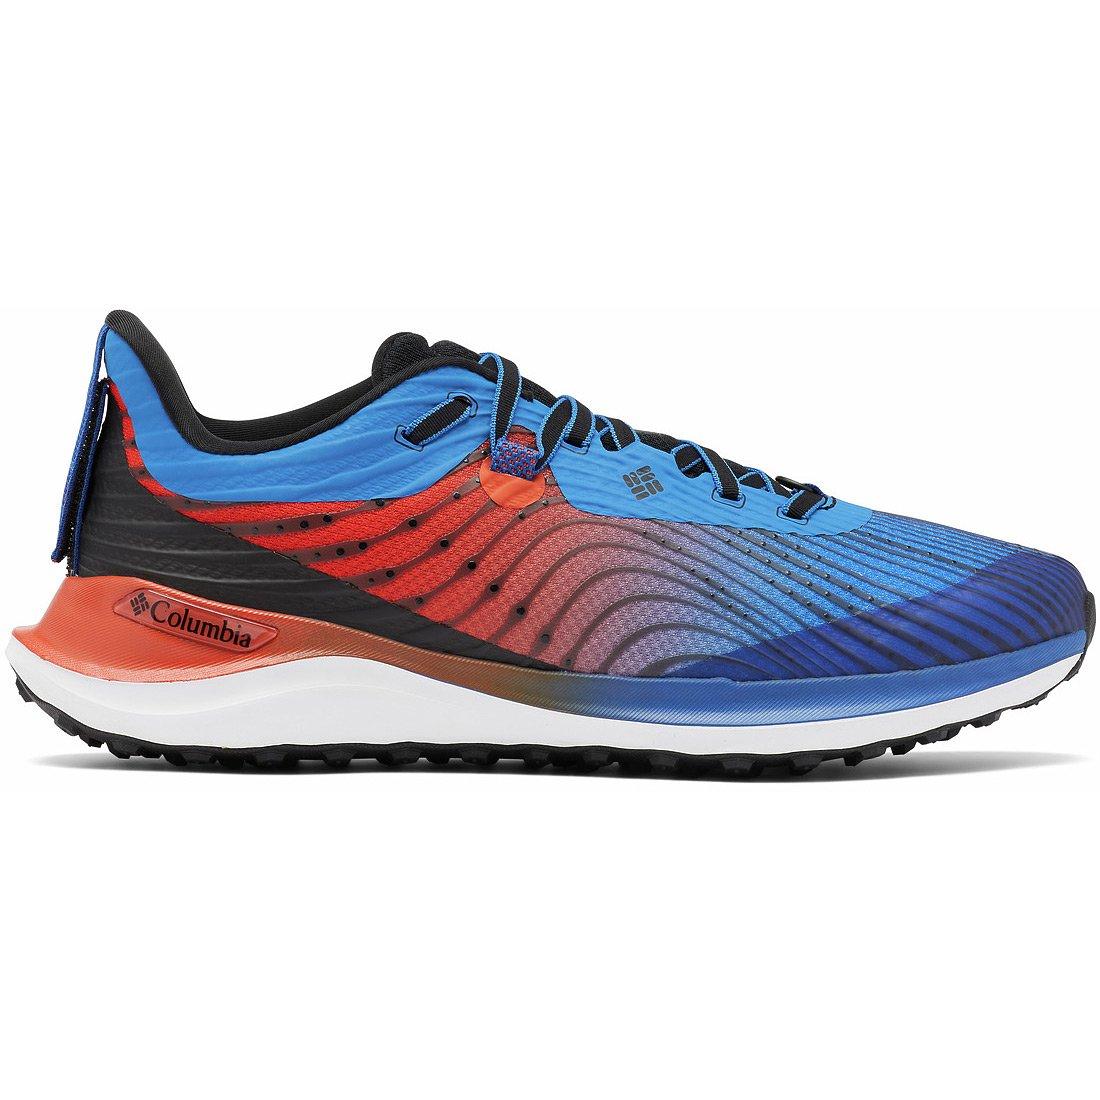 נעליי multi-sport לגברים - Escape Ascent M - Columbia